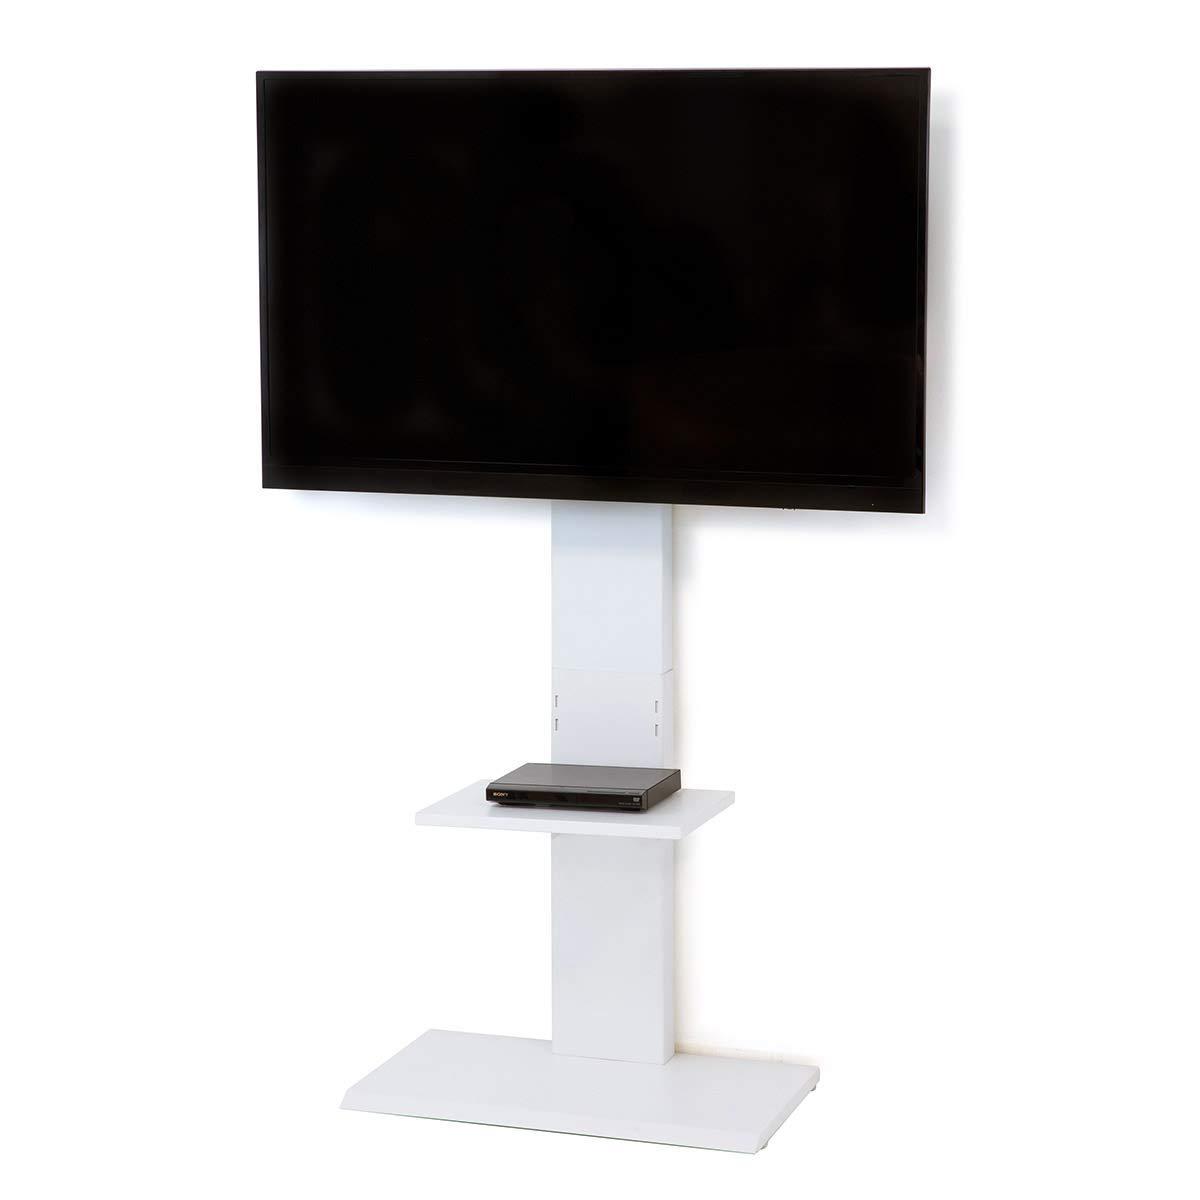 クロシオ テレビ台 テレビスタンド ホワイト 70×40×144.5~160.5cm 壁掛け風 ハイタイプ 32646 B07JGP2B2Y ホワイト 高さ144.5~160.5cm